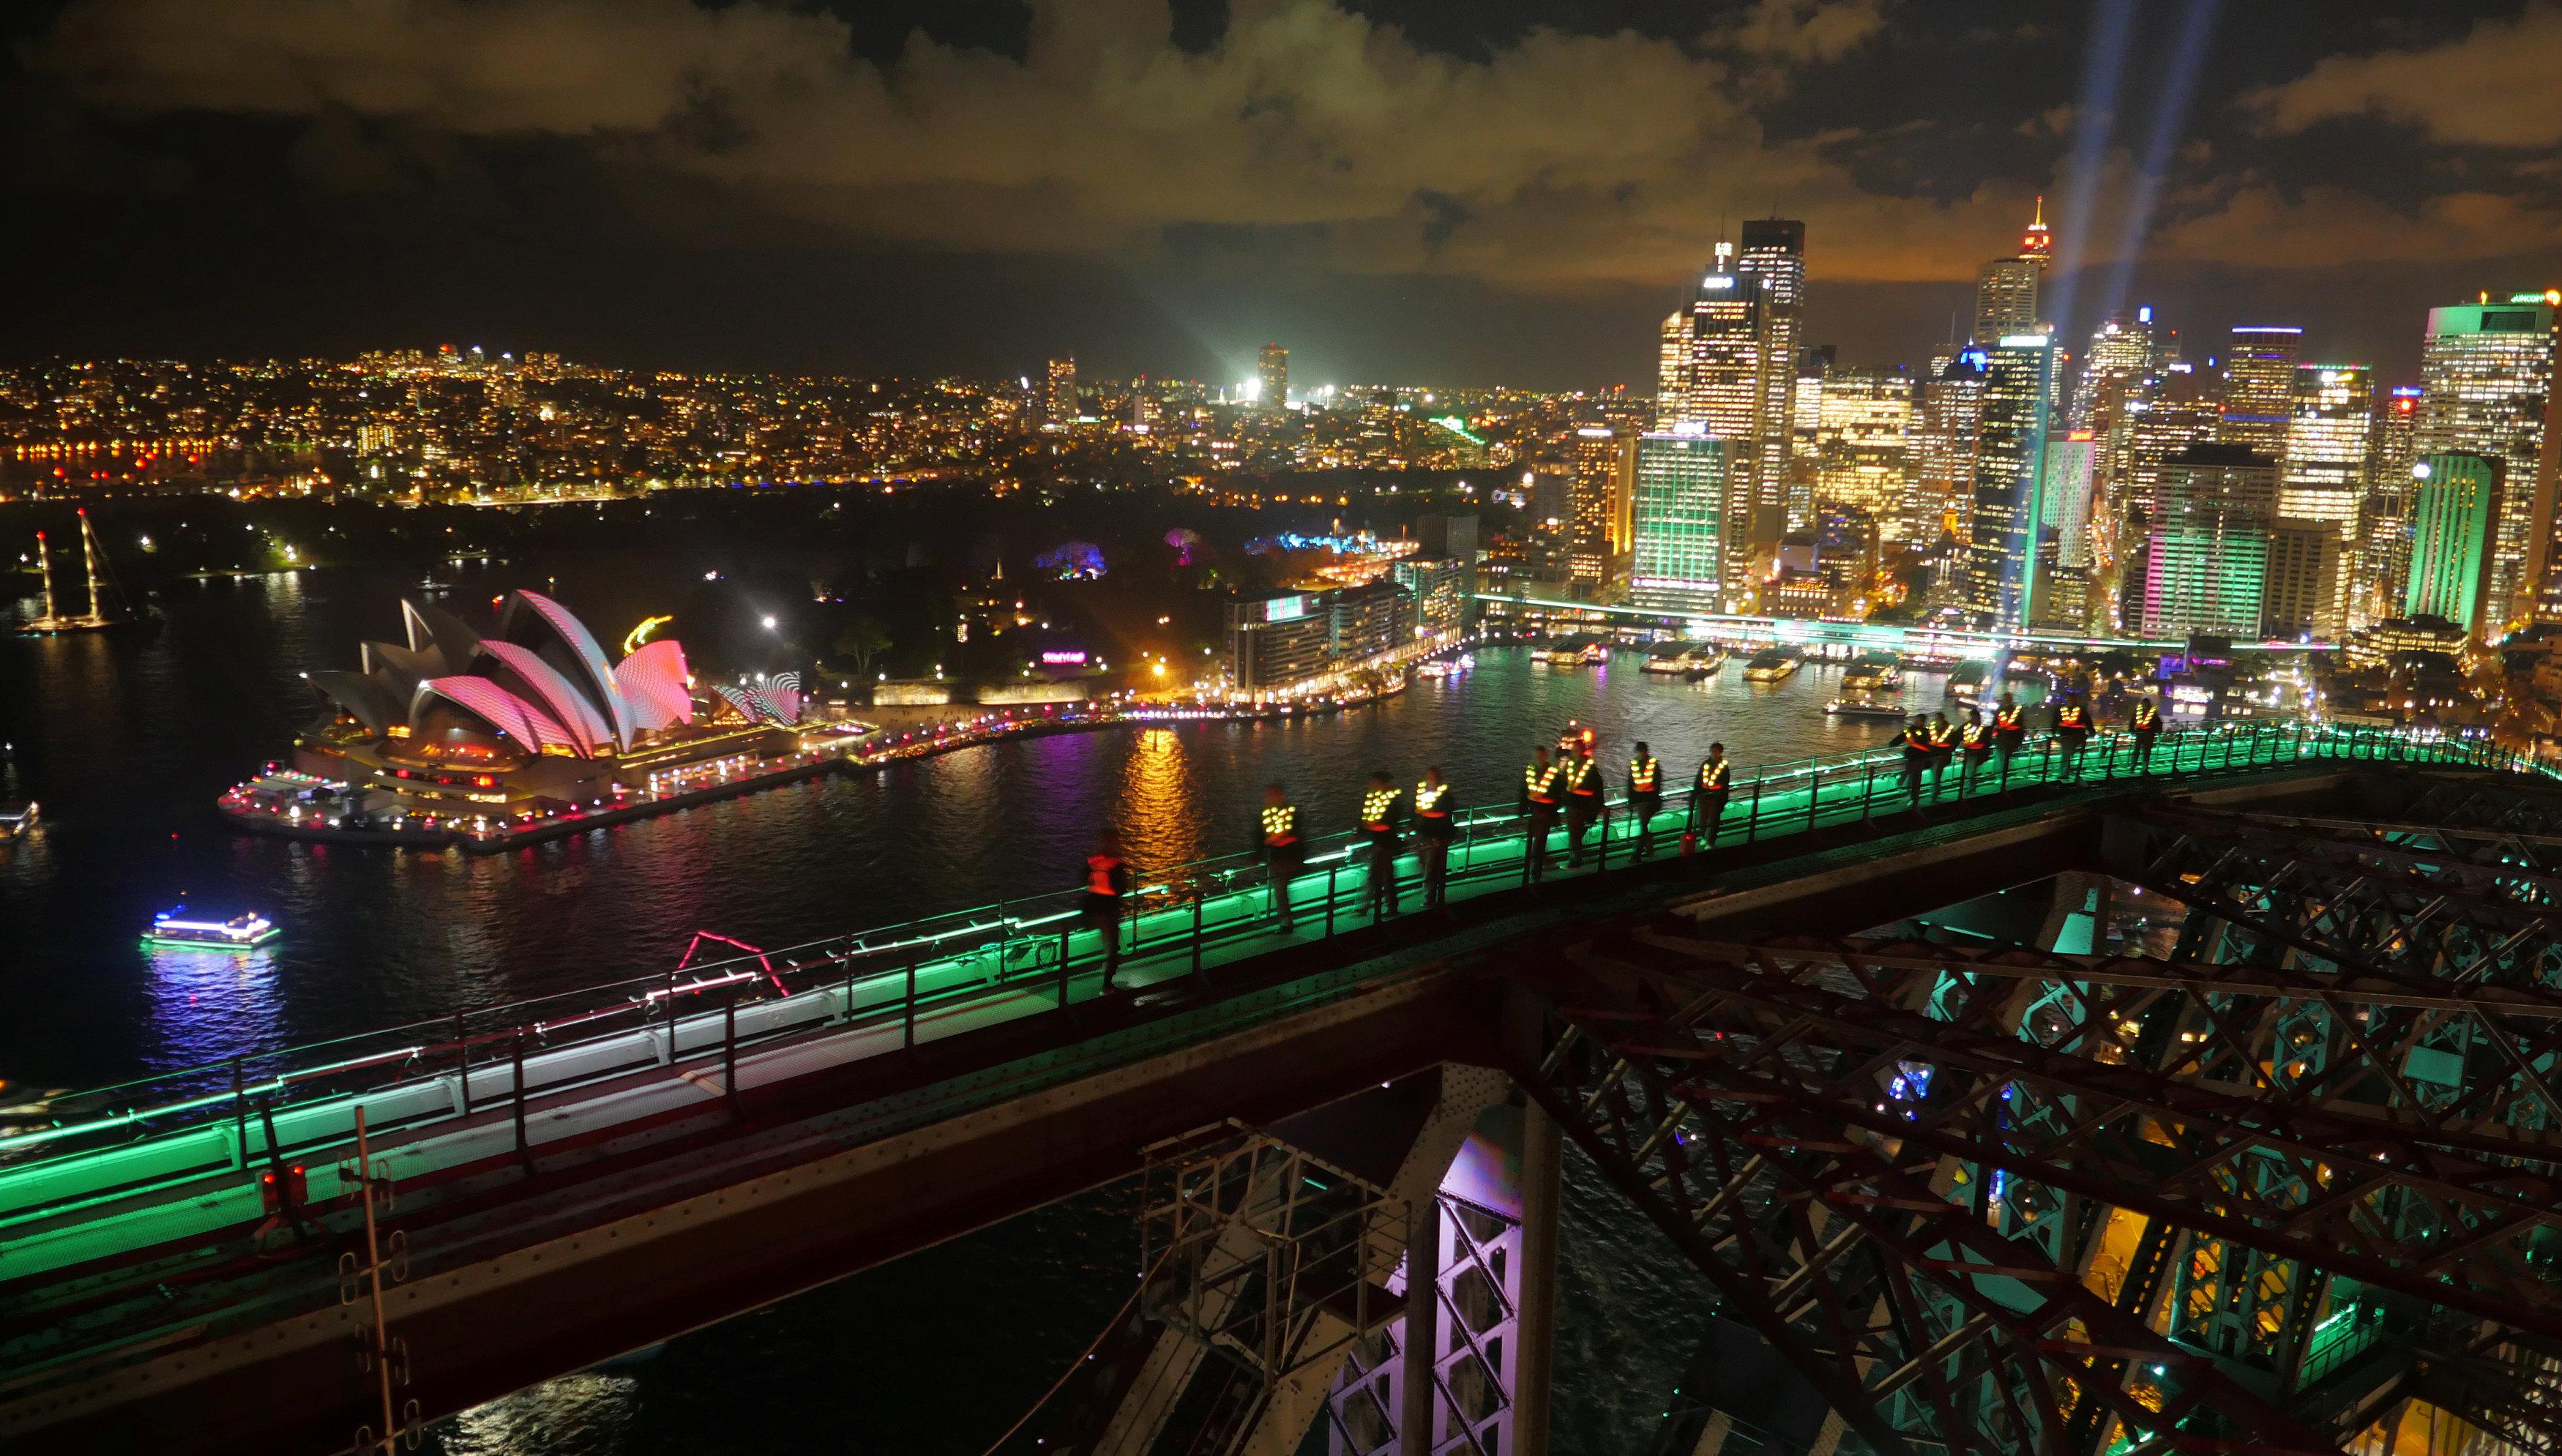 الإضاءة الملونة على جسر سيدنى